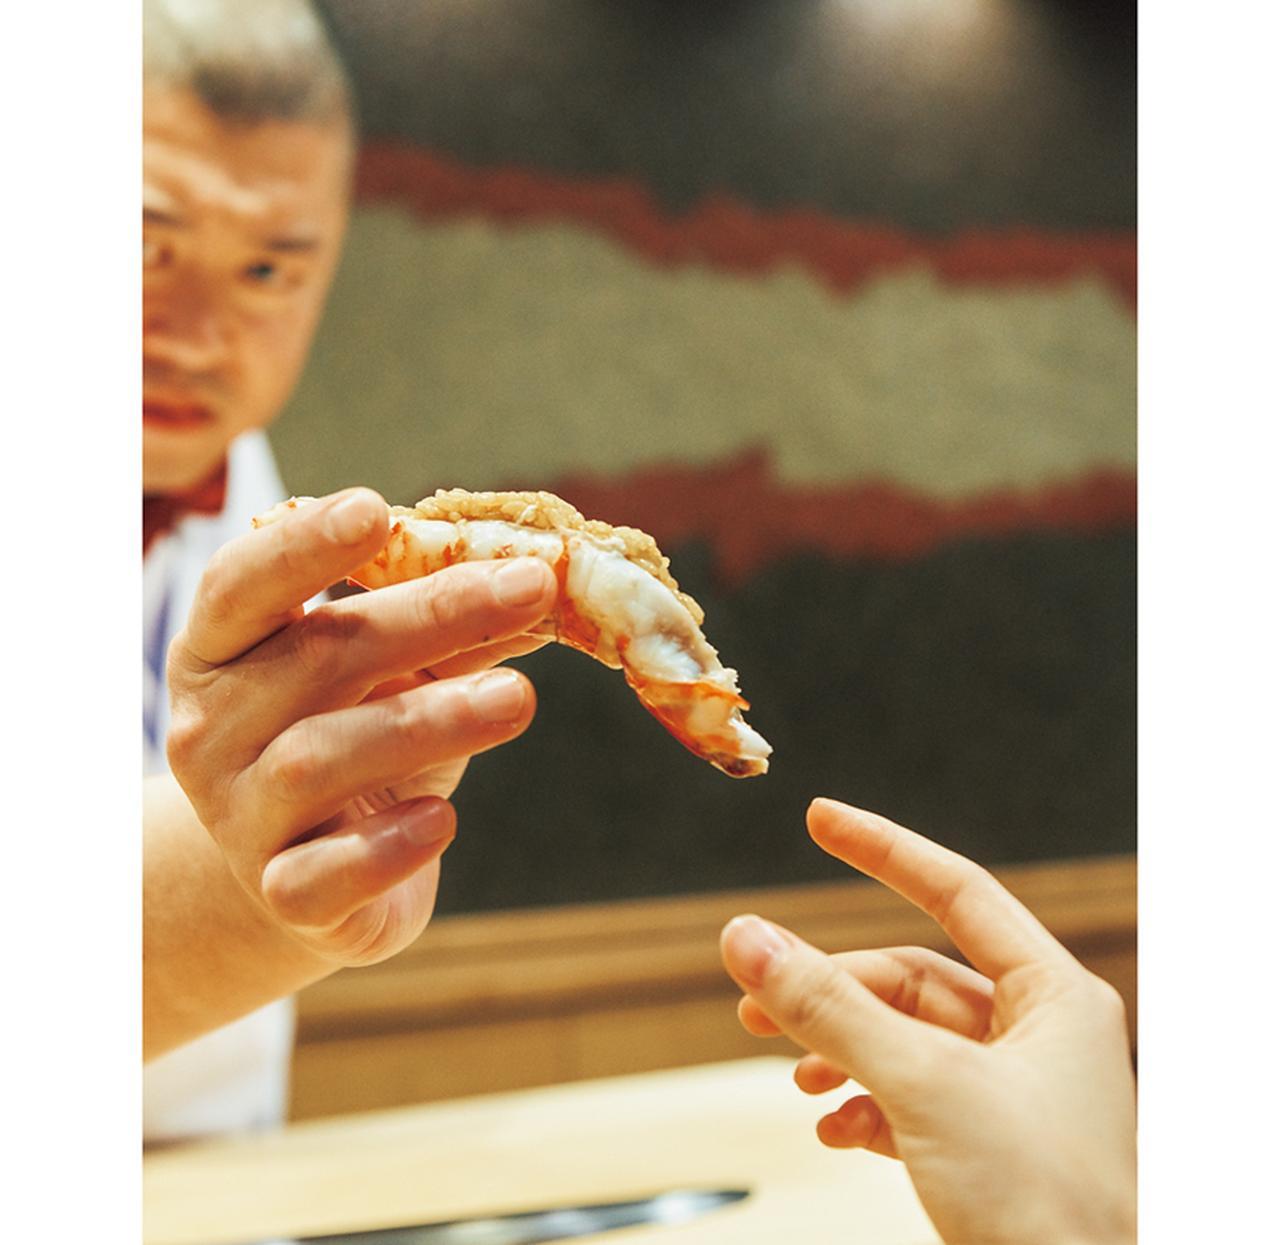 平野紗季子 小倉鮨旅②エンターティメント溢れる「照寿司」